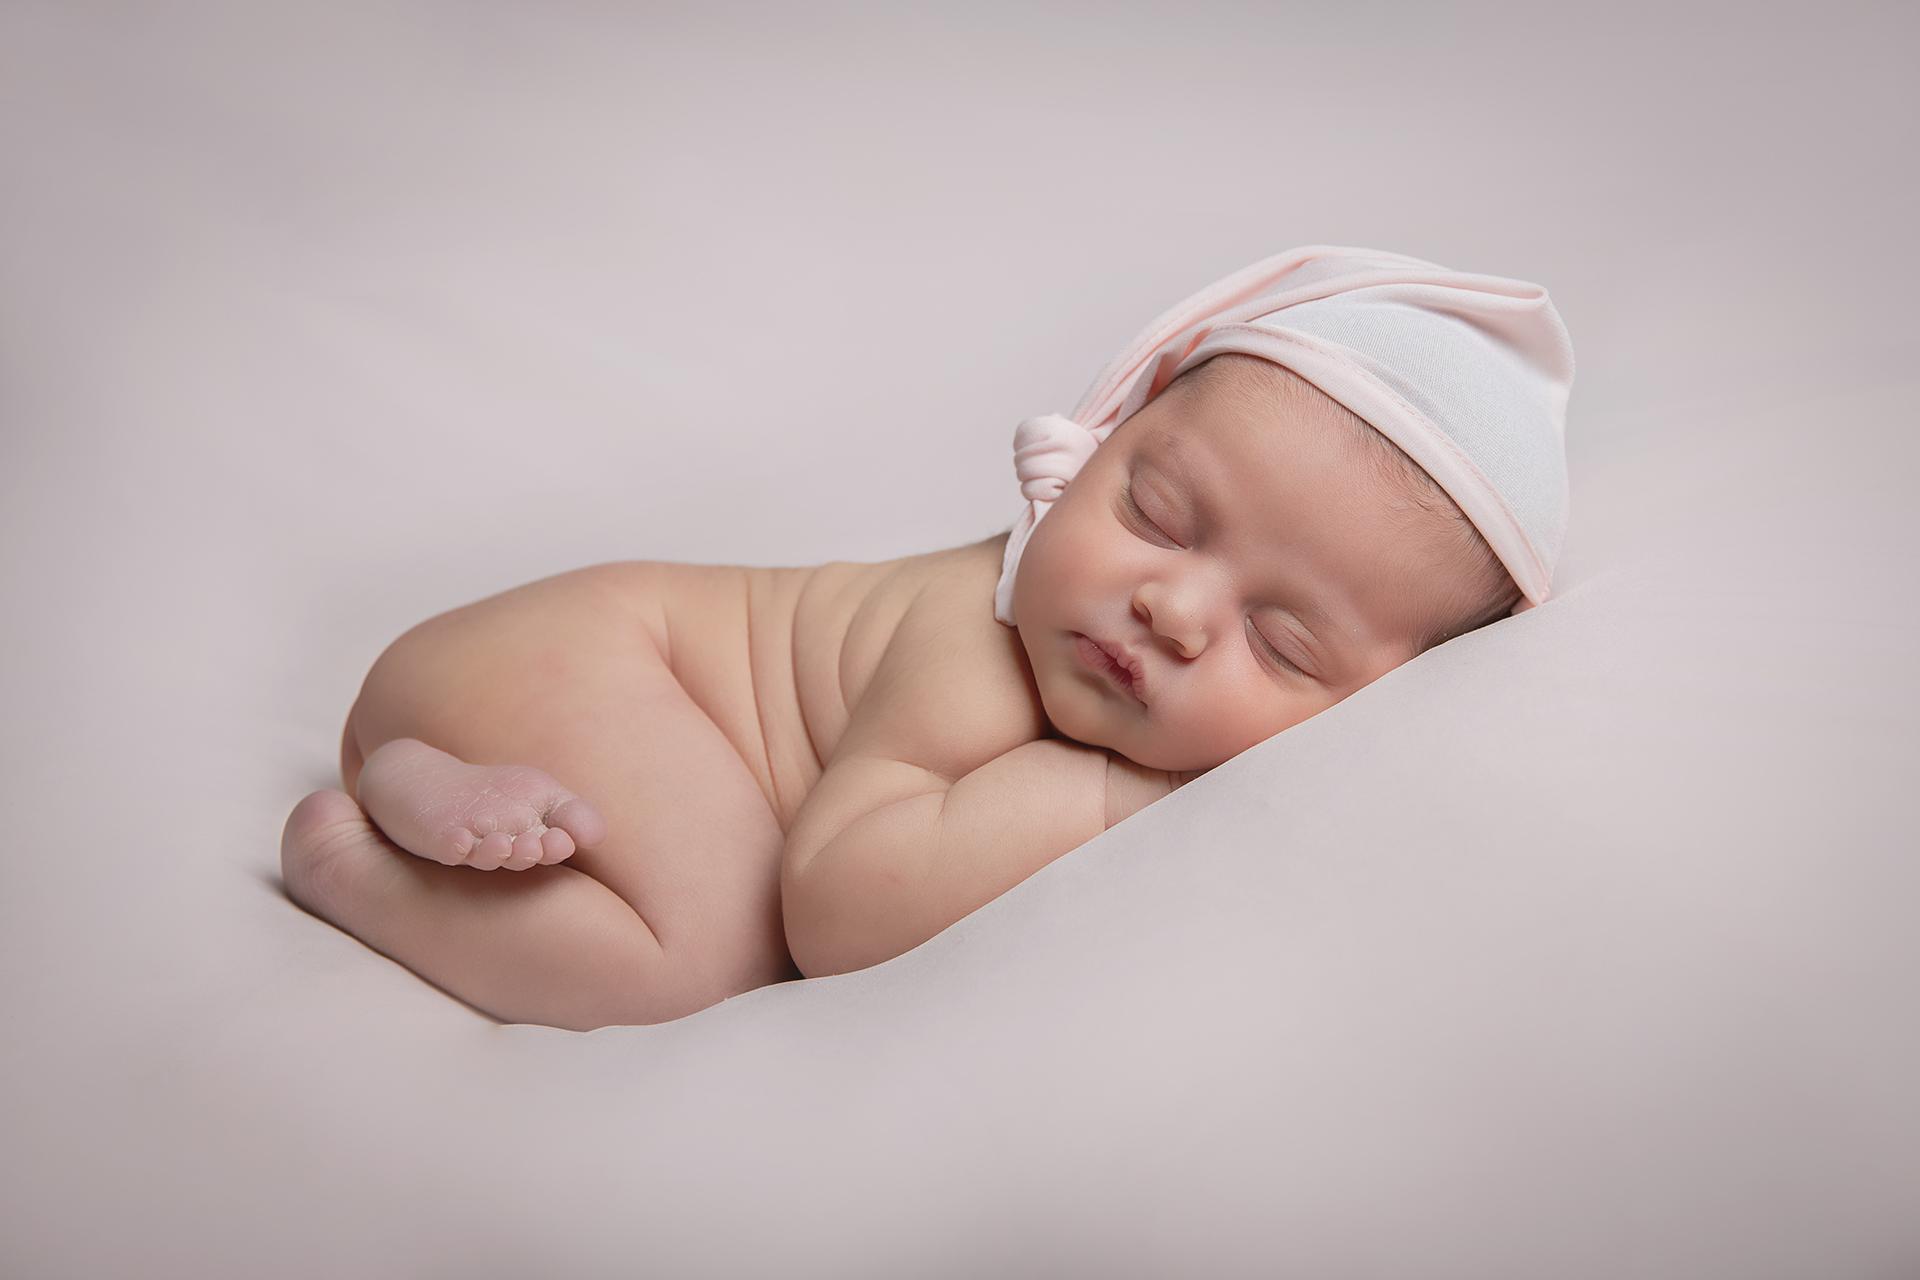 photographe naissance rennes enfant fami